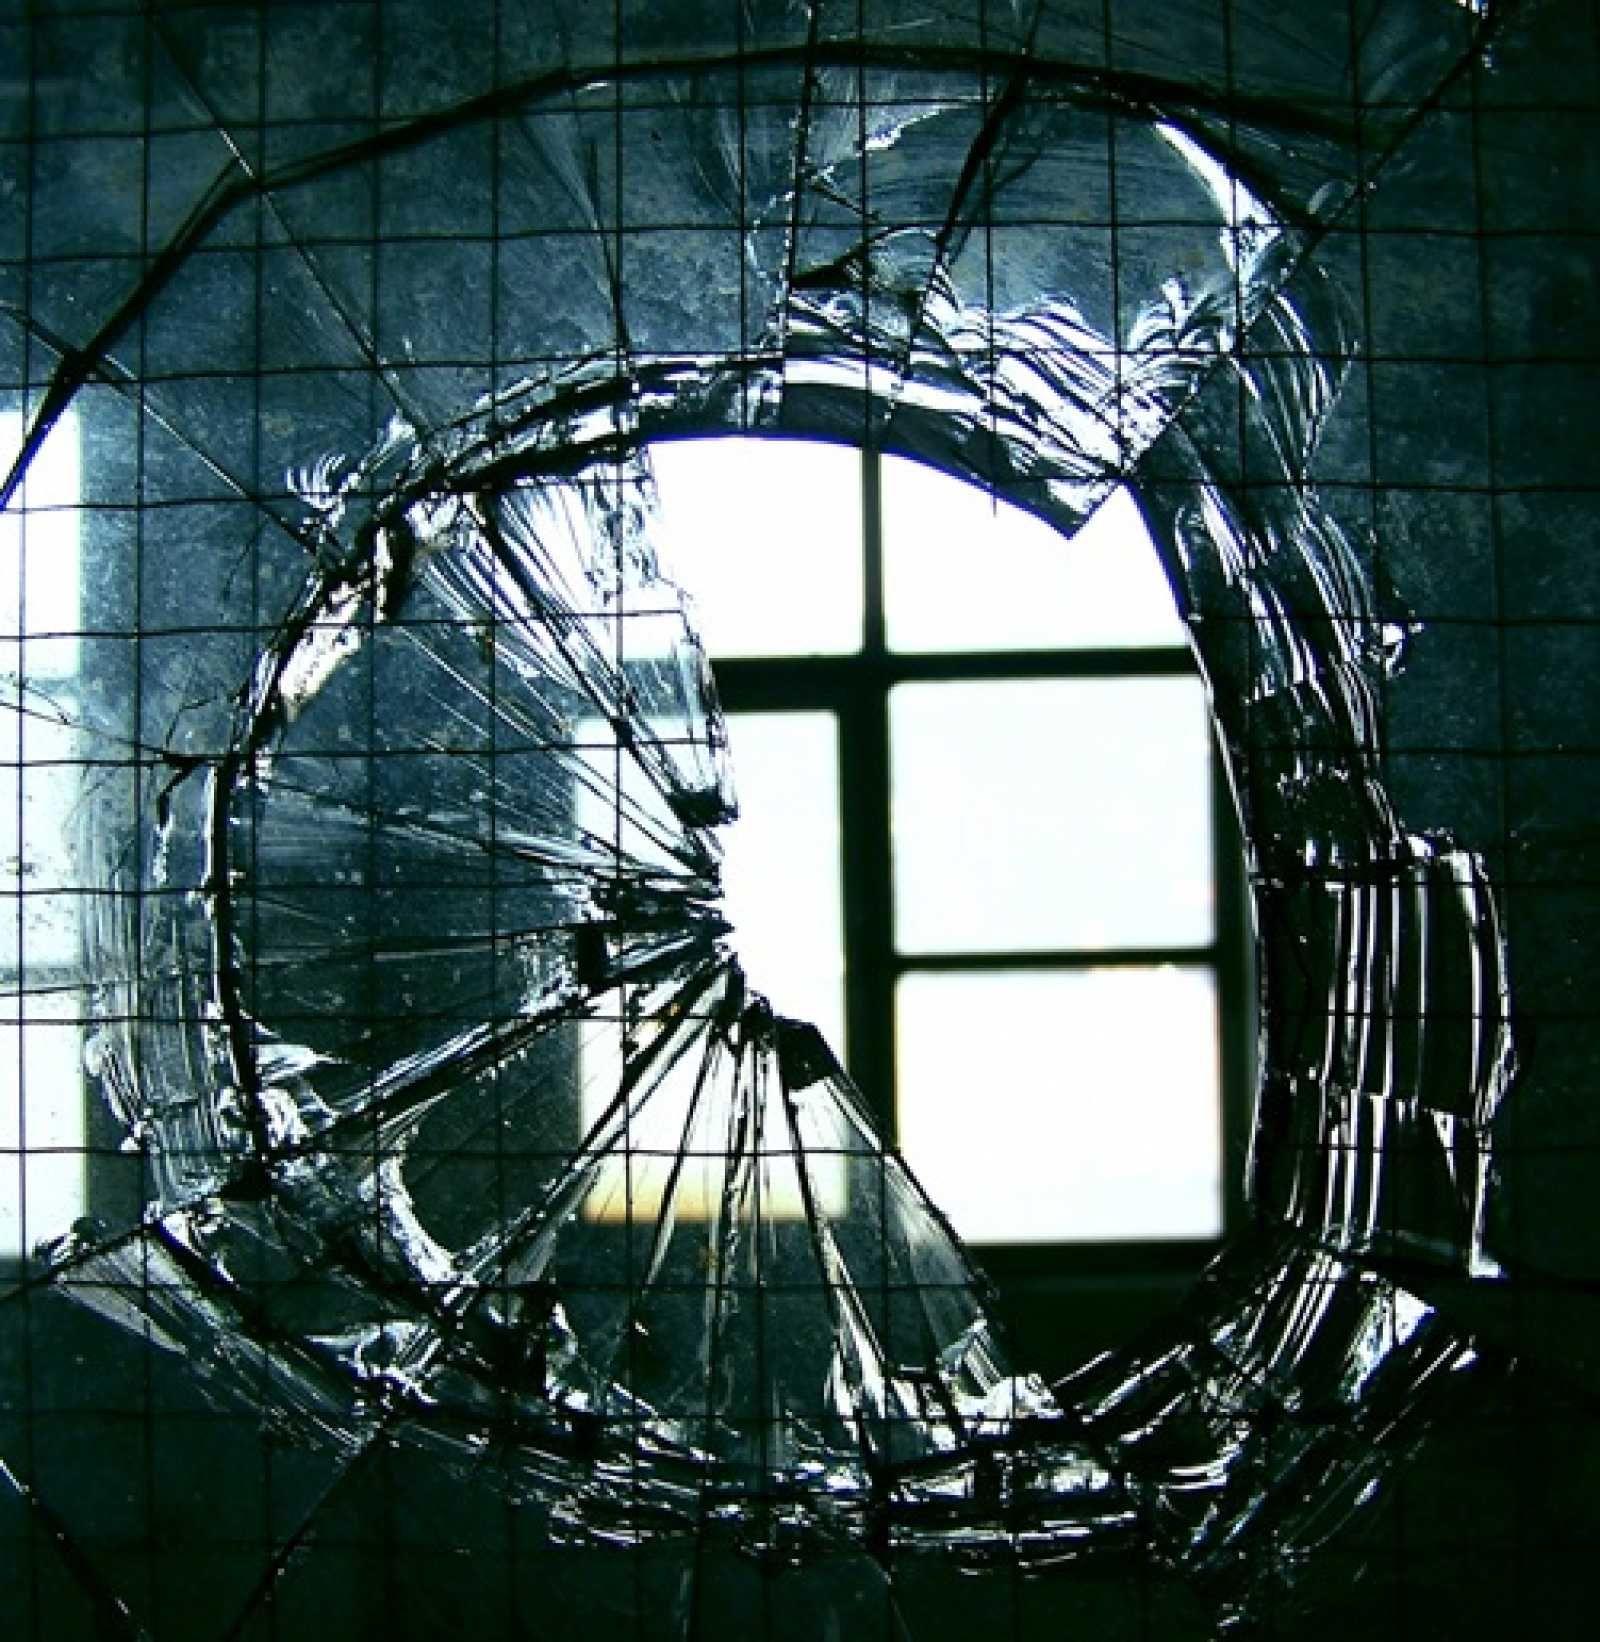 является одним фото разбитое зеркало пожалуйста, сколько